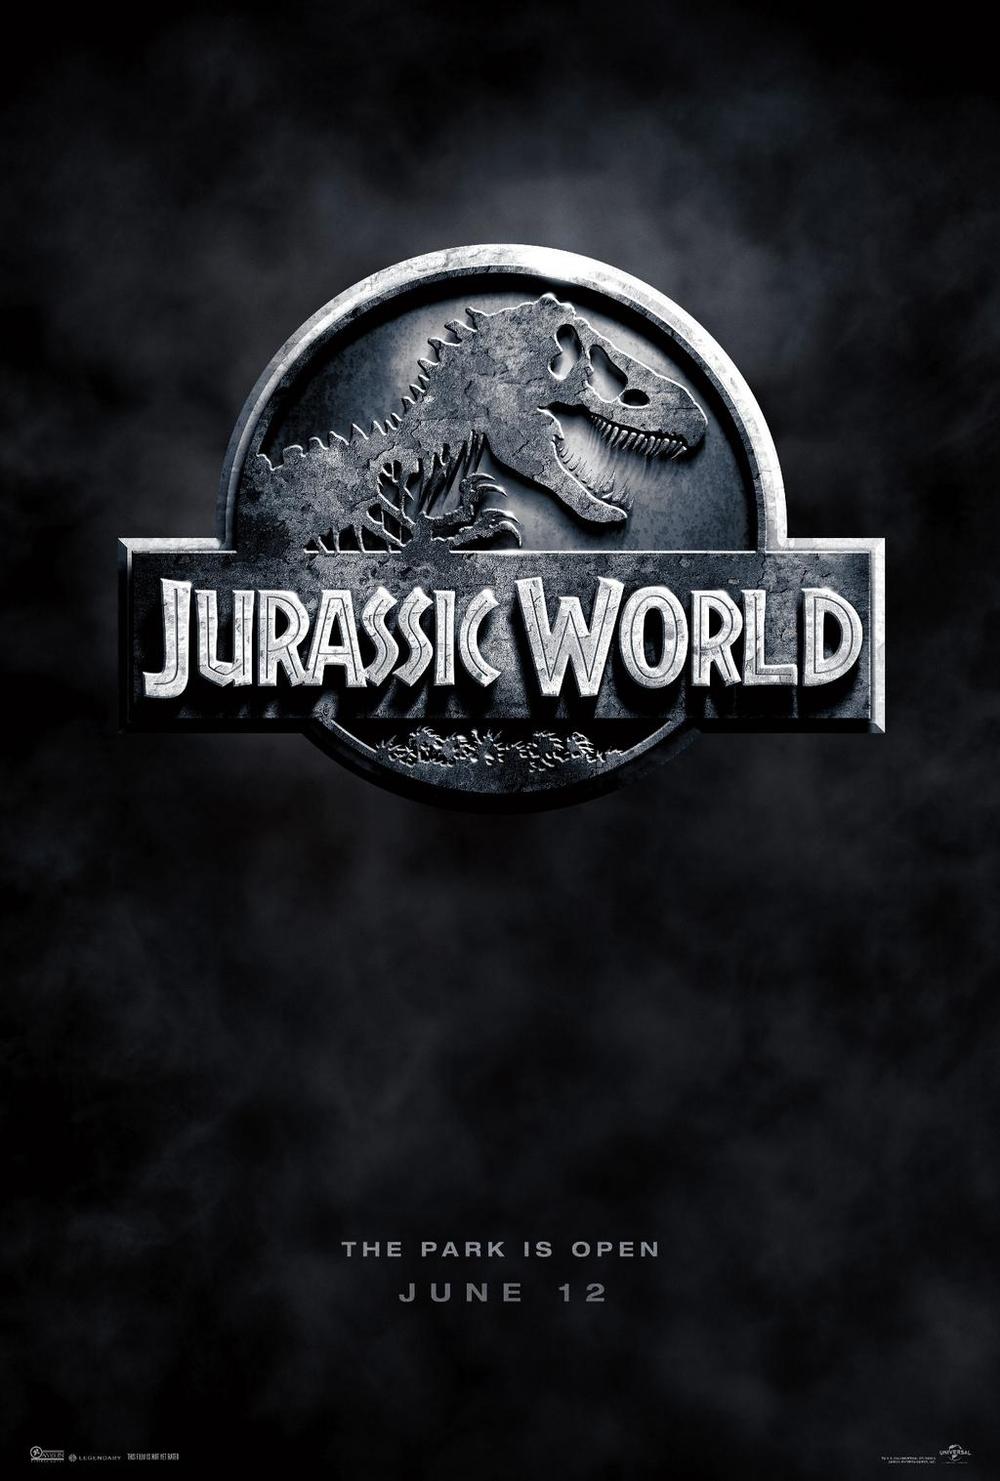 Jurassic-World-Poster-Official.jpg